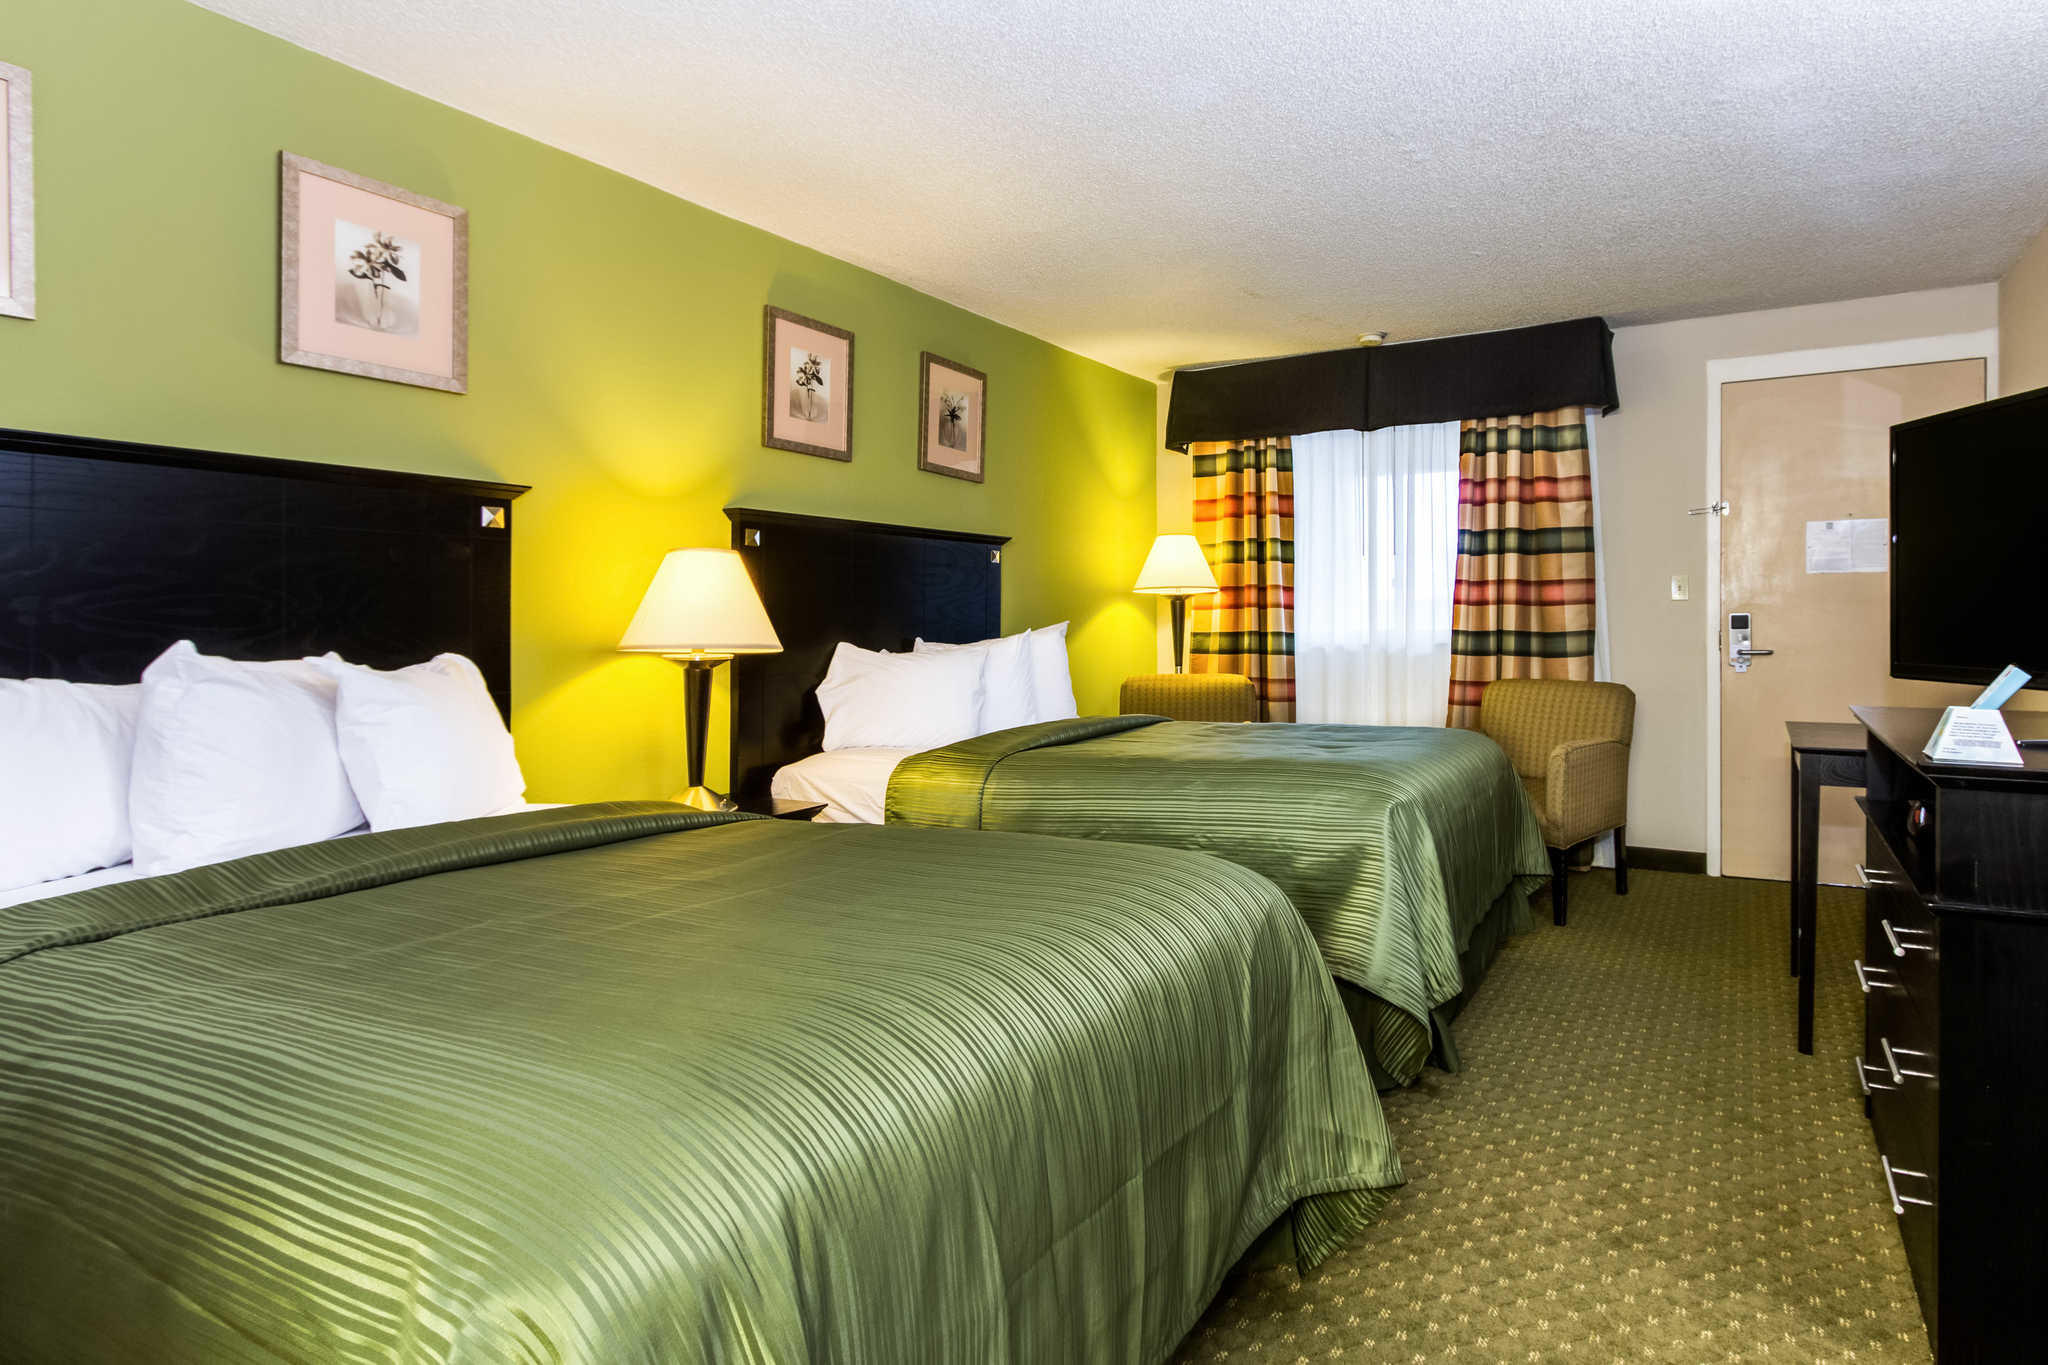 Quality Inn & Suites Moline - Quad Cities image 15